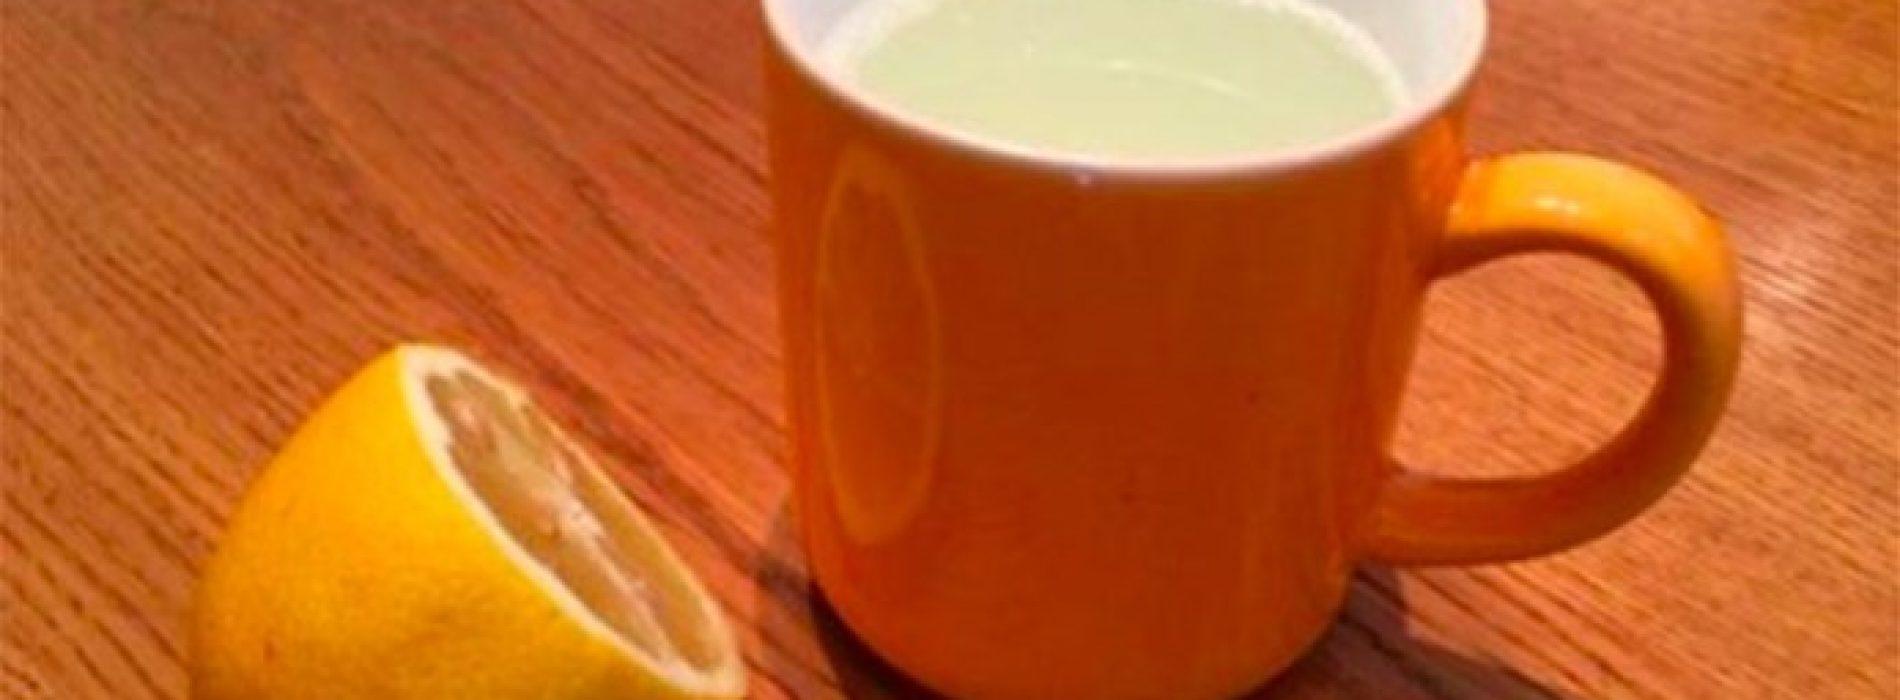 Zelfgemaakte hoest en longontsteking Recept: krachtiger dan welke hoestsiroop dan ook en het werkt sneller